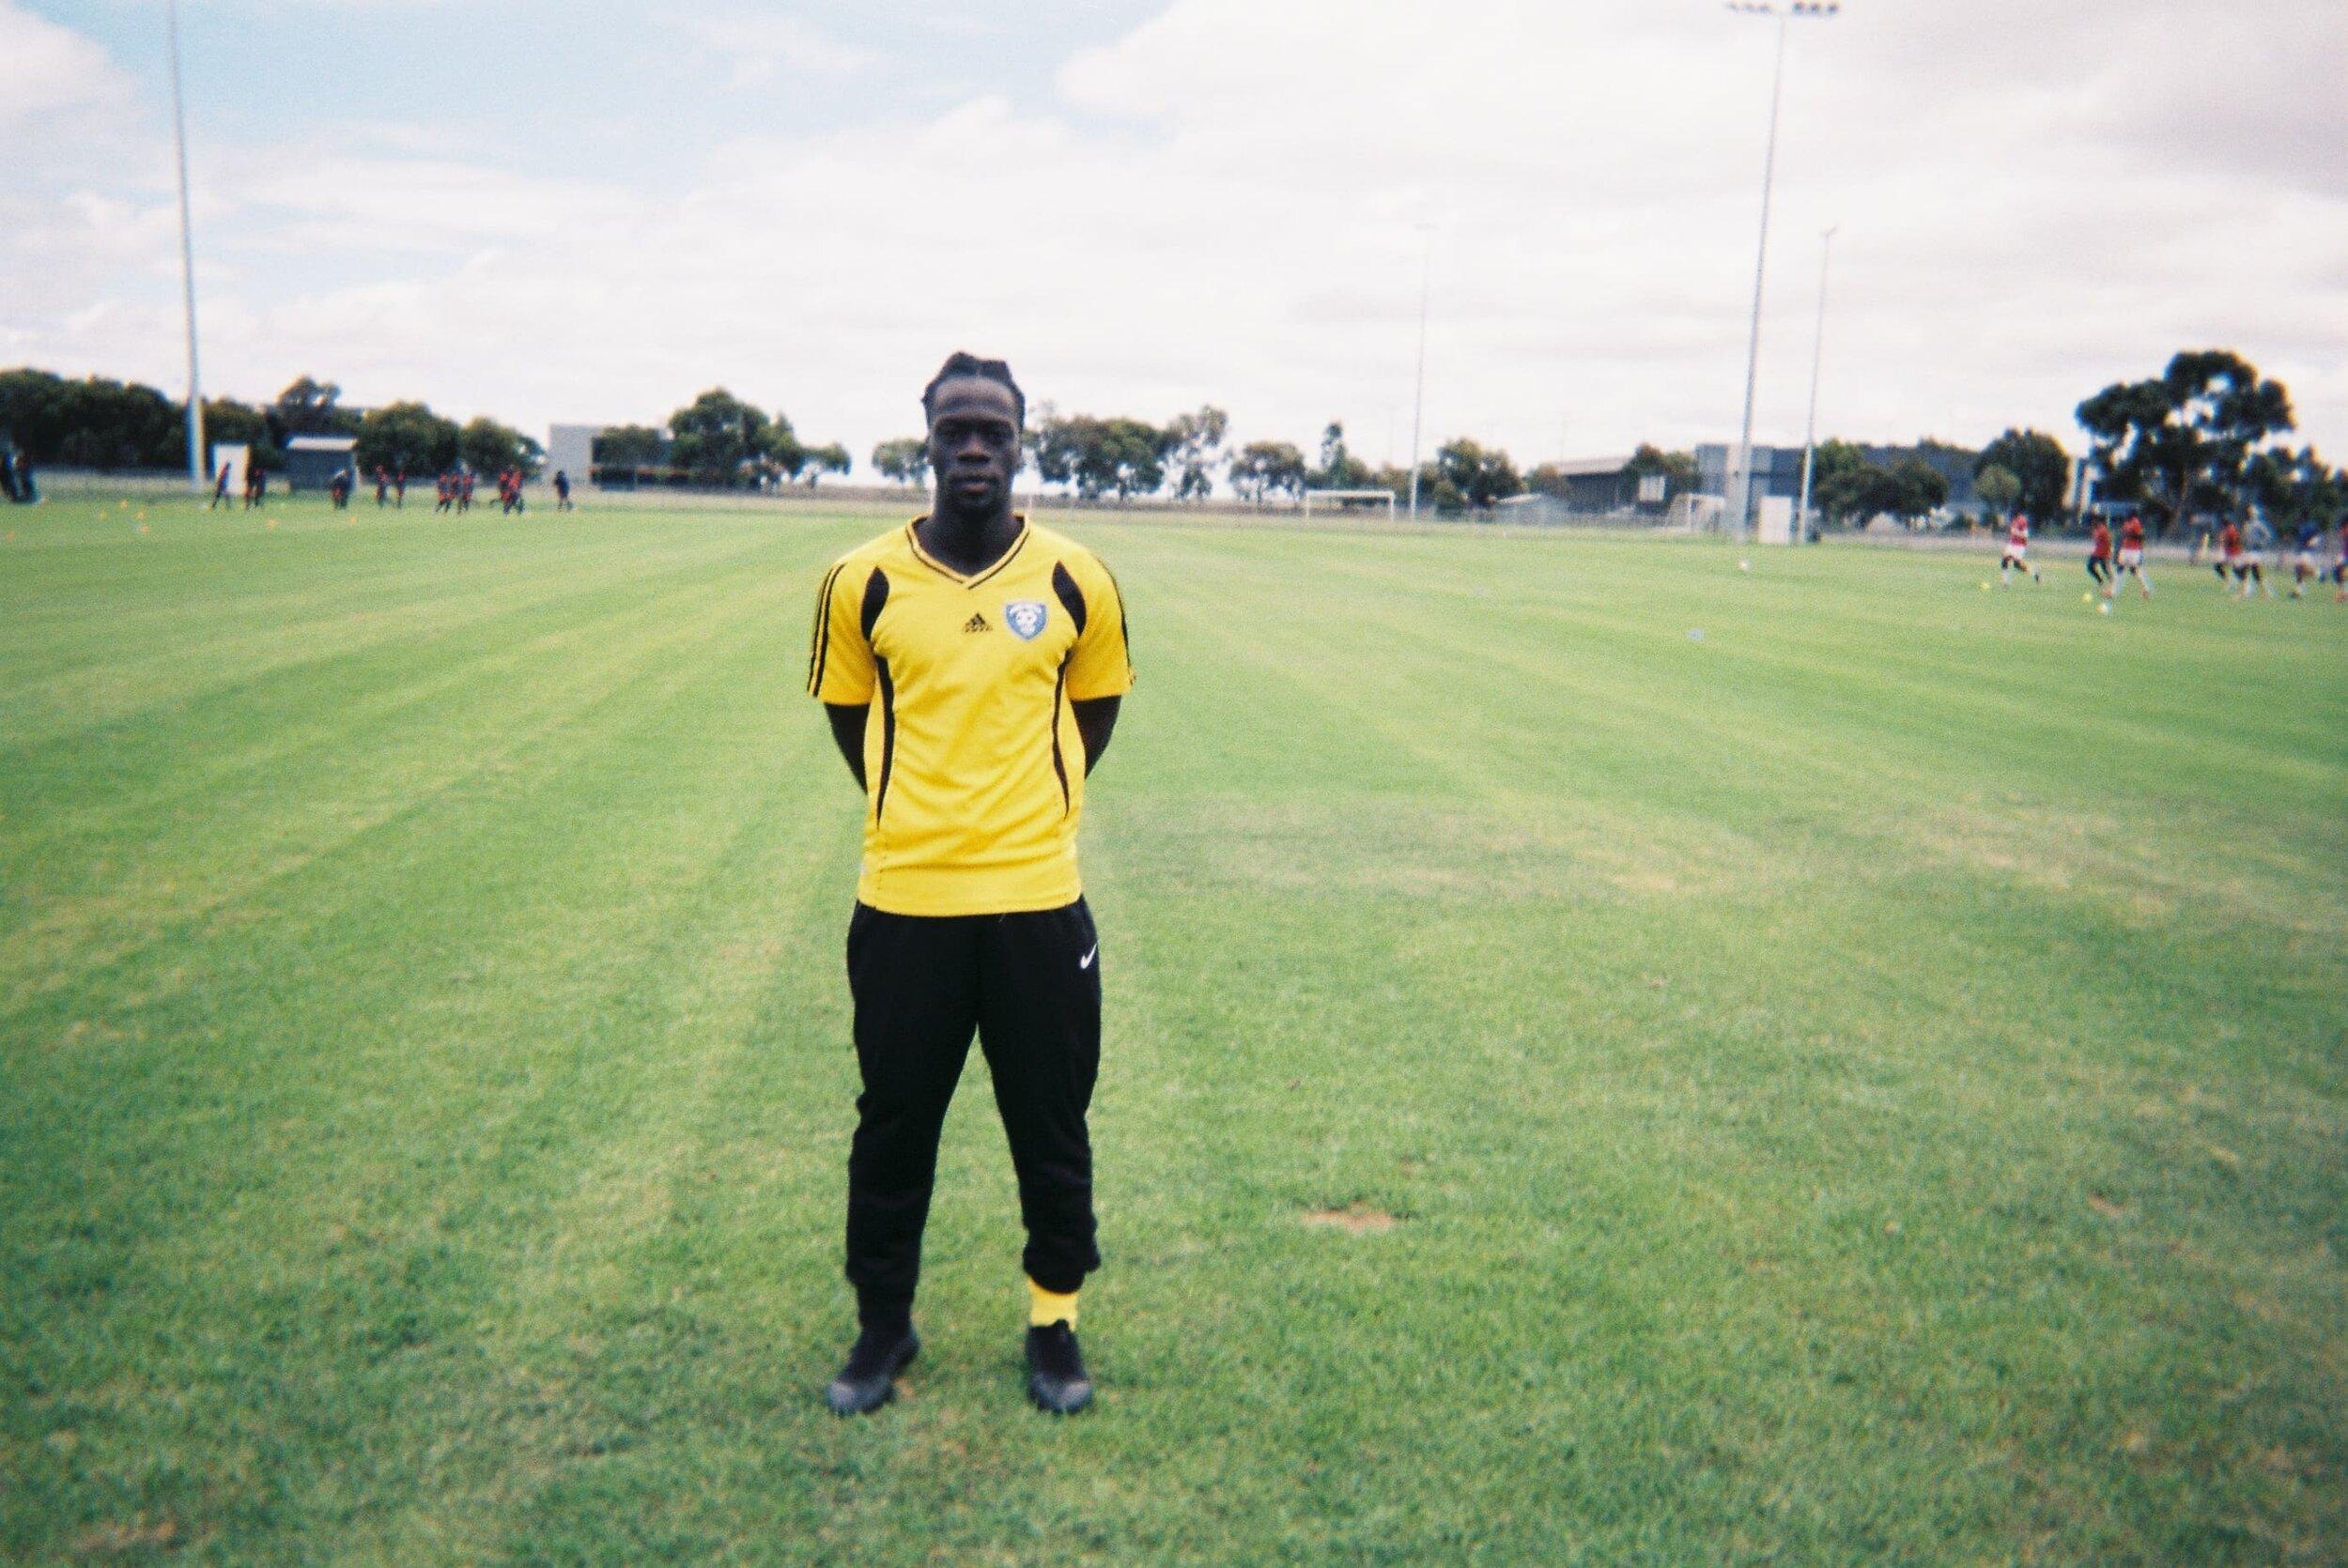 Αυστραλία - Football Victoria - Eangano 15.jpg